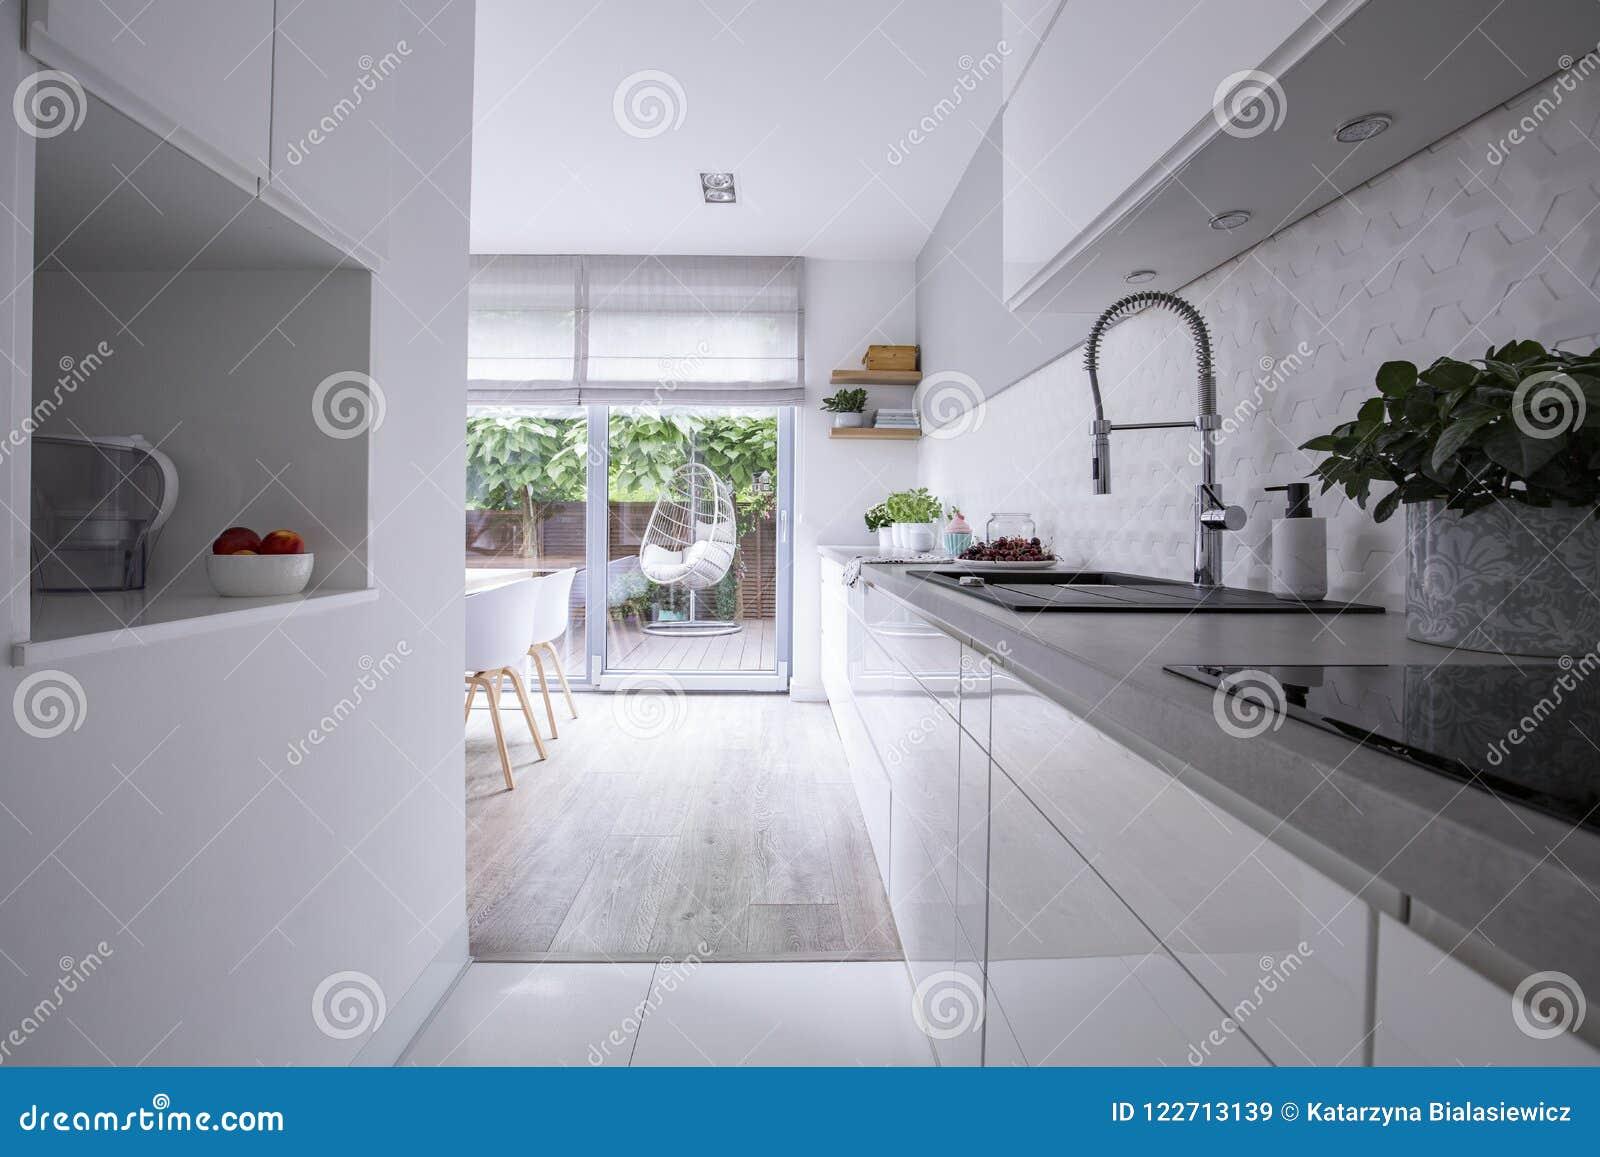 Witte kabinetten in helder modern keukenbinnenland van huis met terras Echte foto